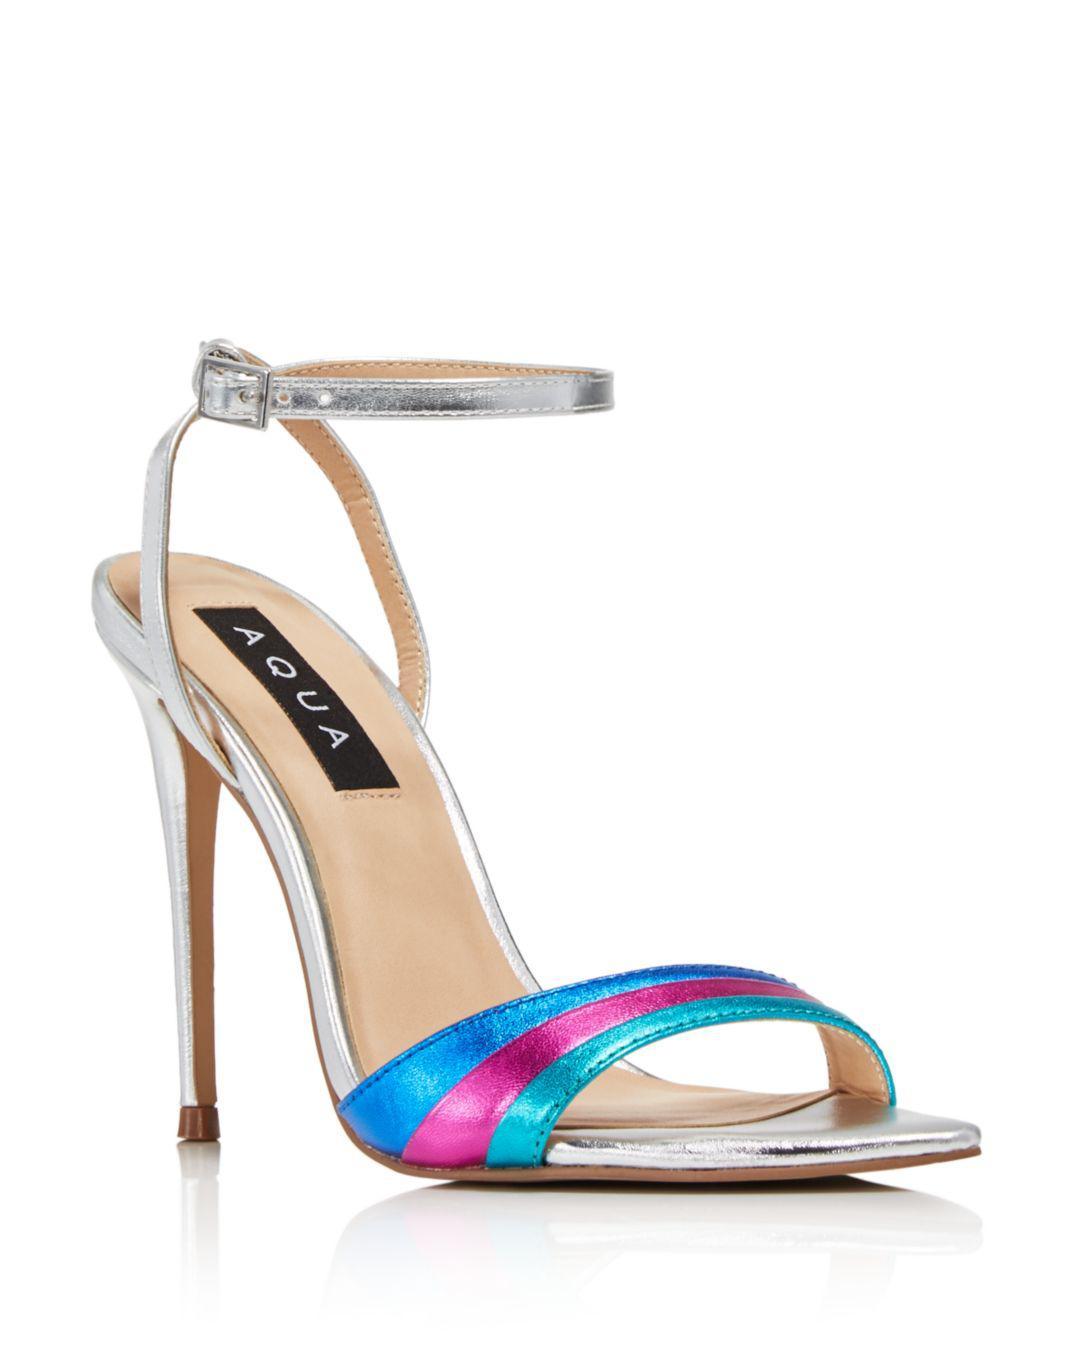 73a13b89f5b Aqua - Blue Women s Kiki Rainbow High-heel Sandals - Lyst. View fullscreen